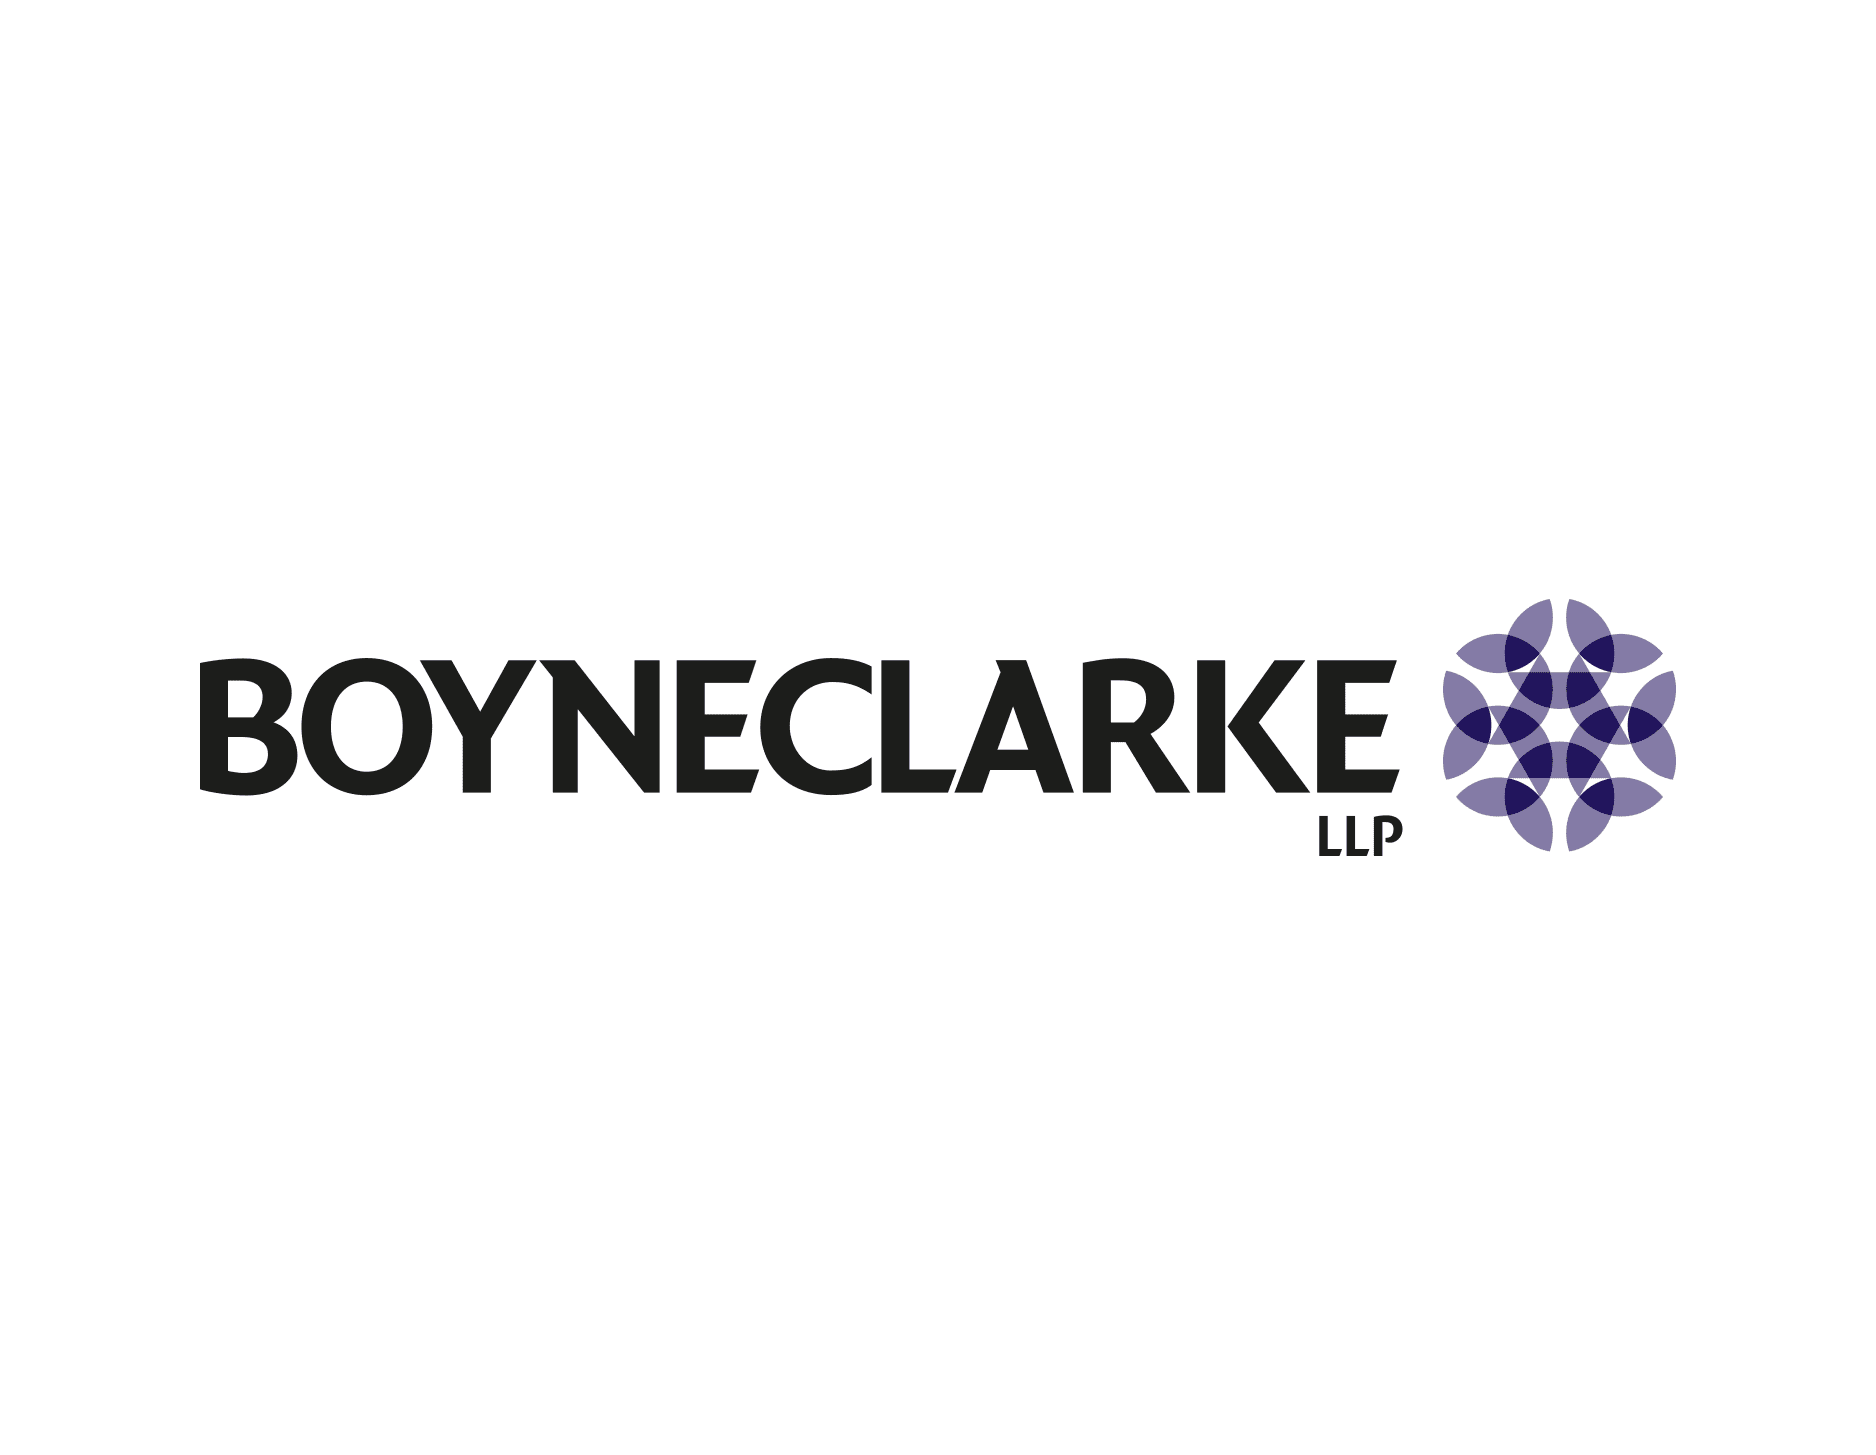 boyneclarke-00